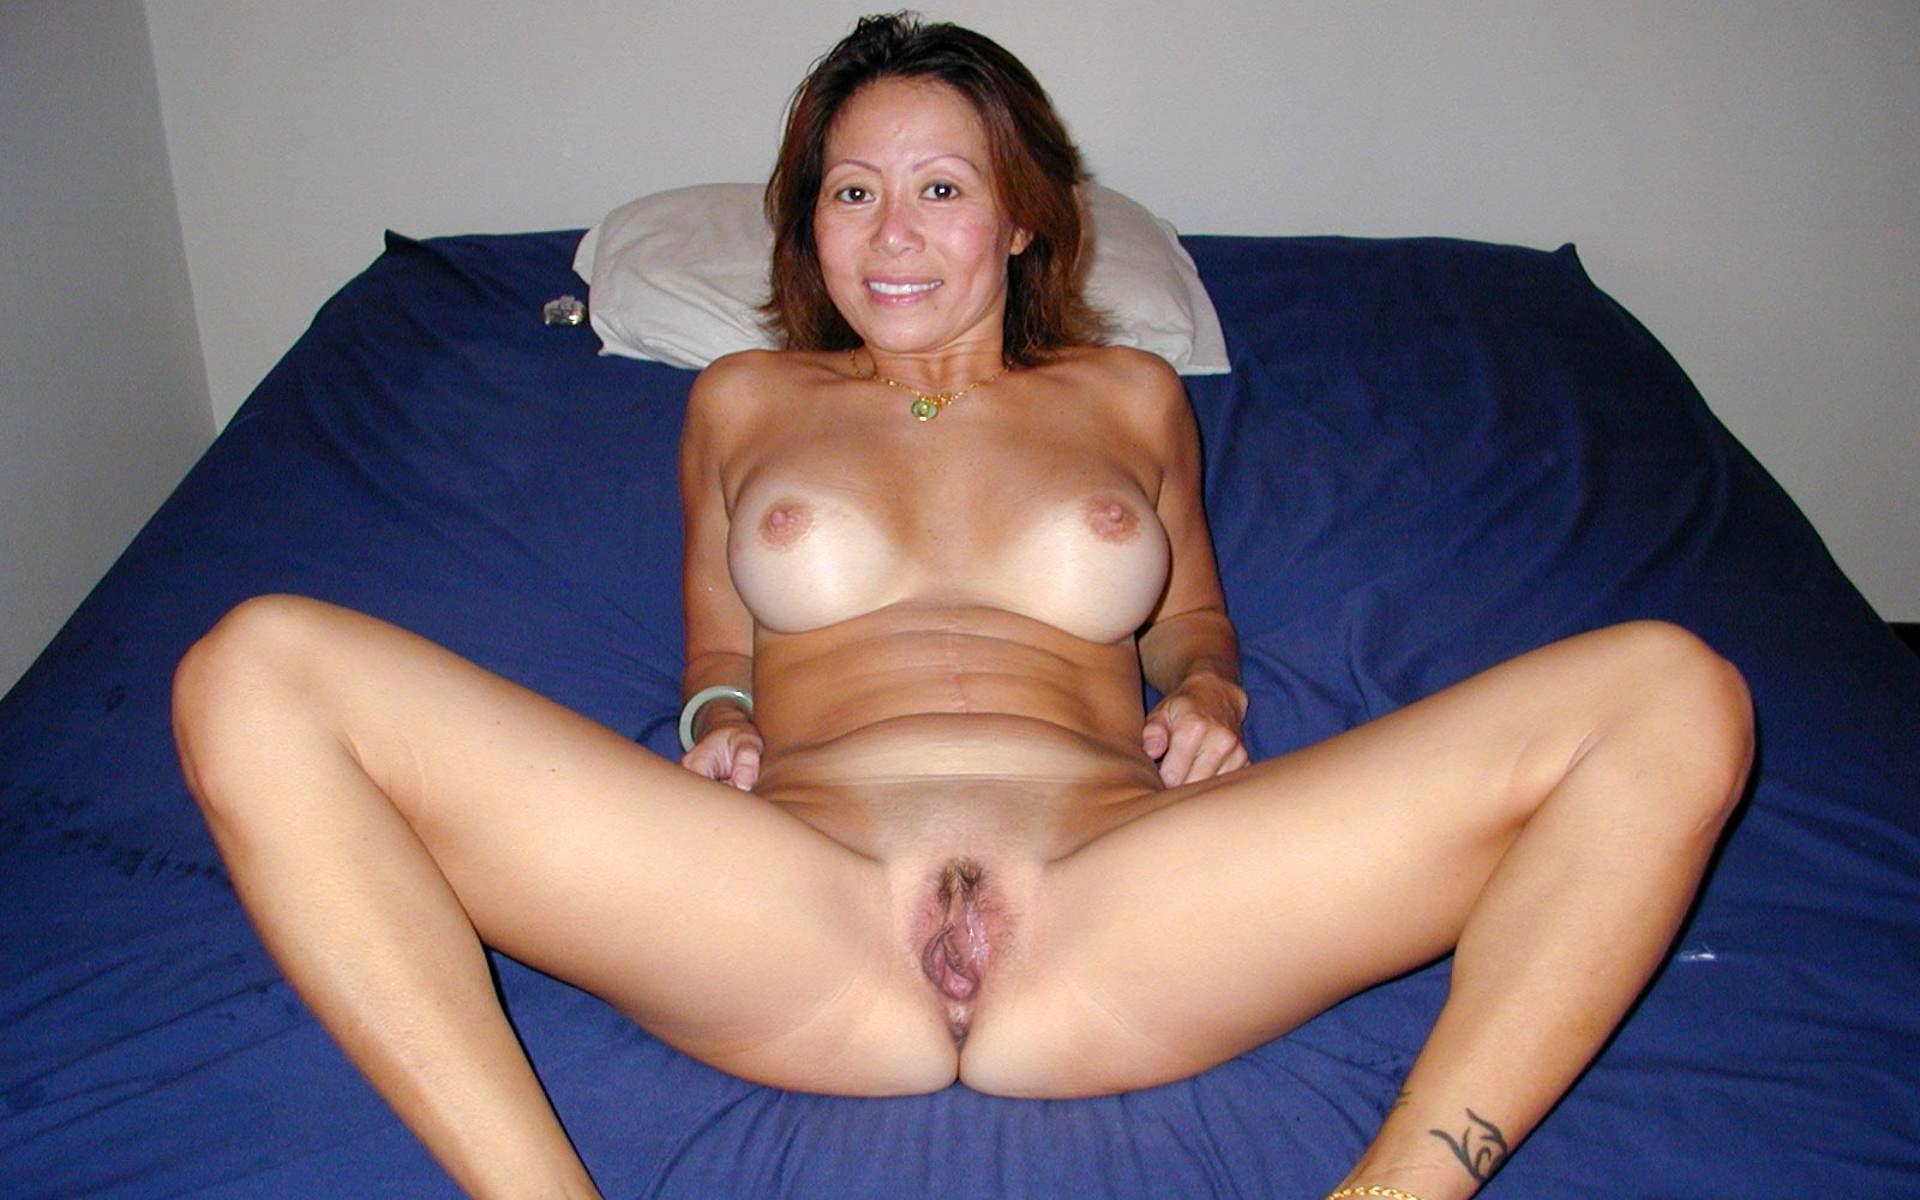 Big boob busty lesbian